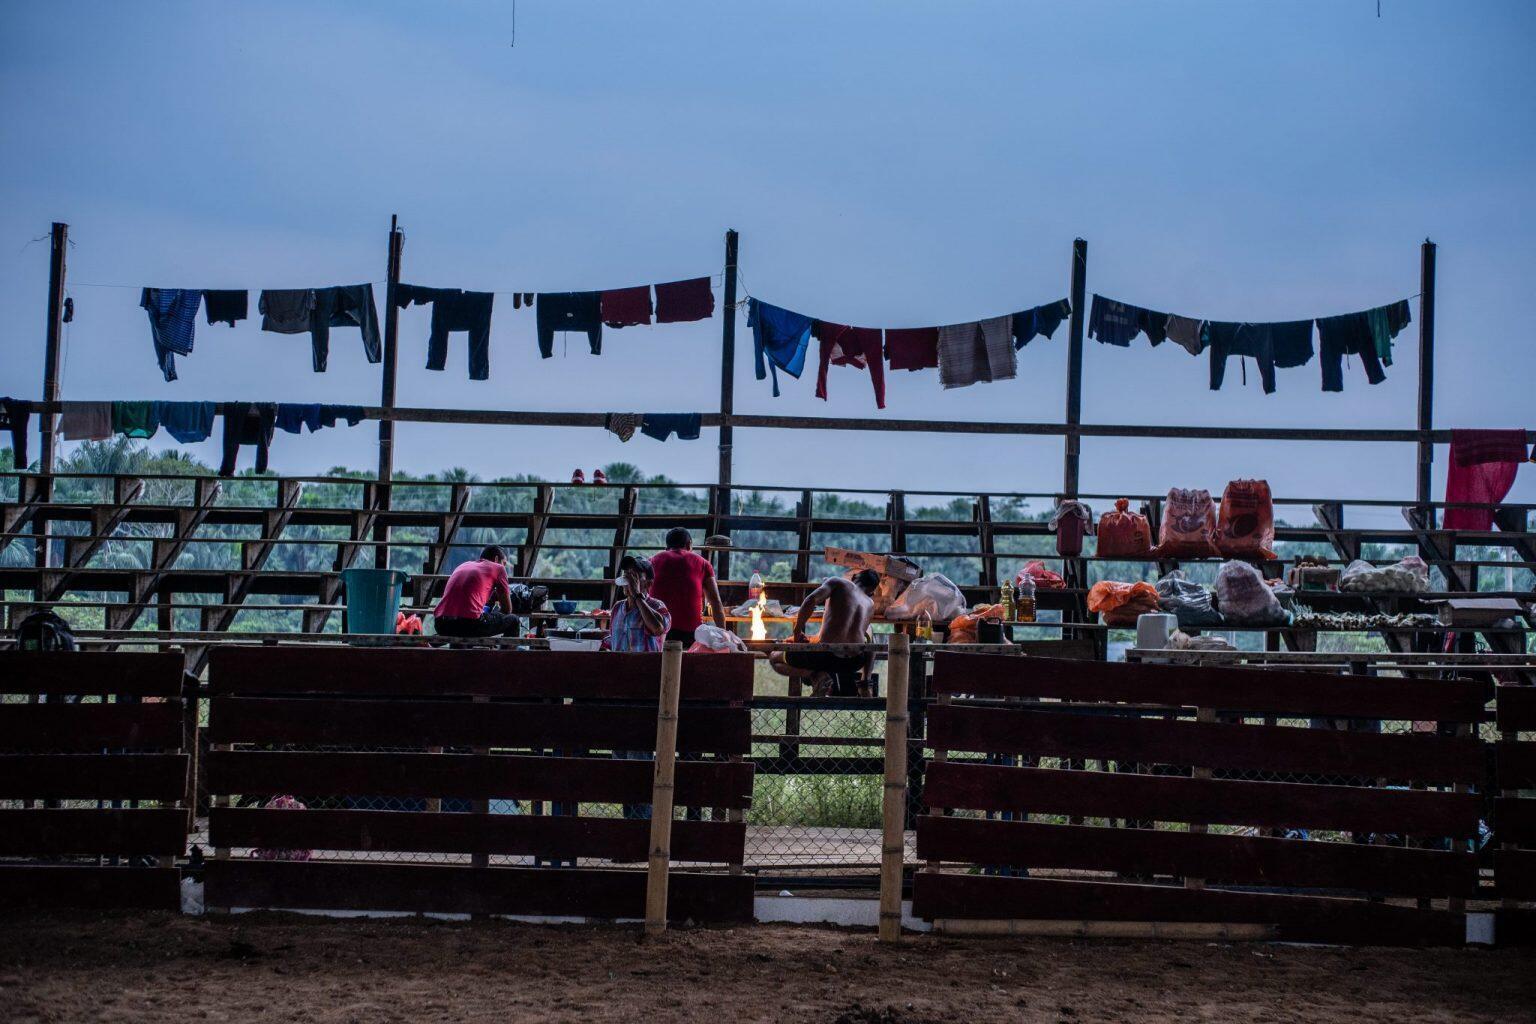 Un grupo de campesinos cocina en un rancho improvisado en el coliseo de San Vicente del Caguán mientras mantiene las protestas en contra de las medidas del Gobierno para sacarlos de sus parcelas por estar en zonas de parques naturales.